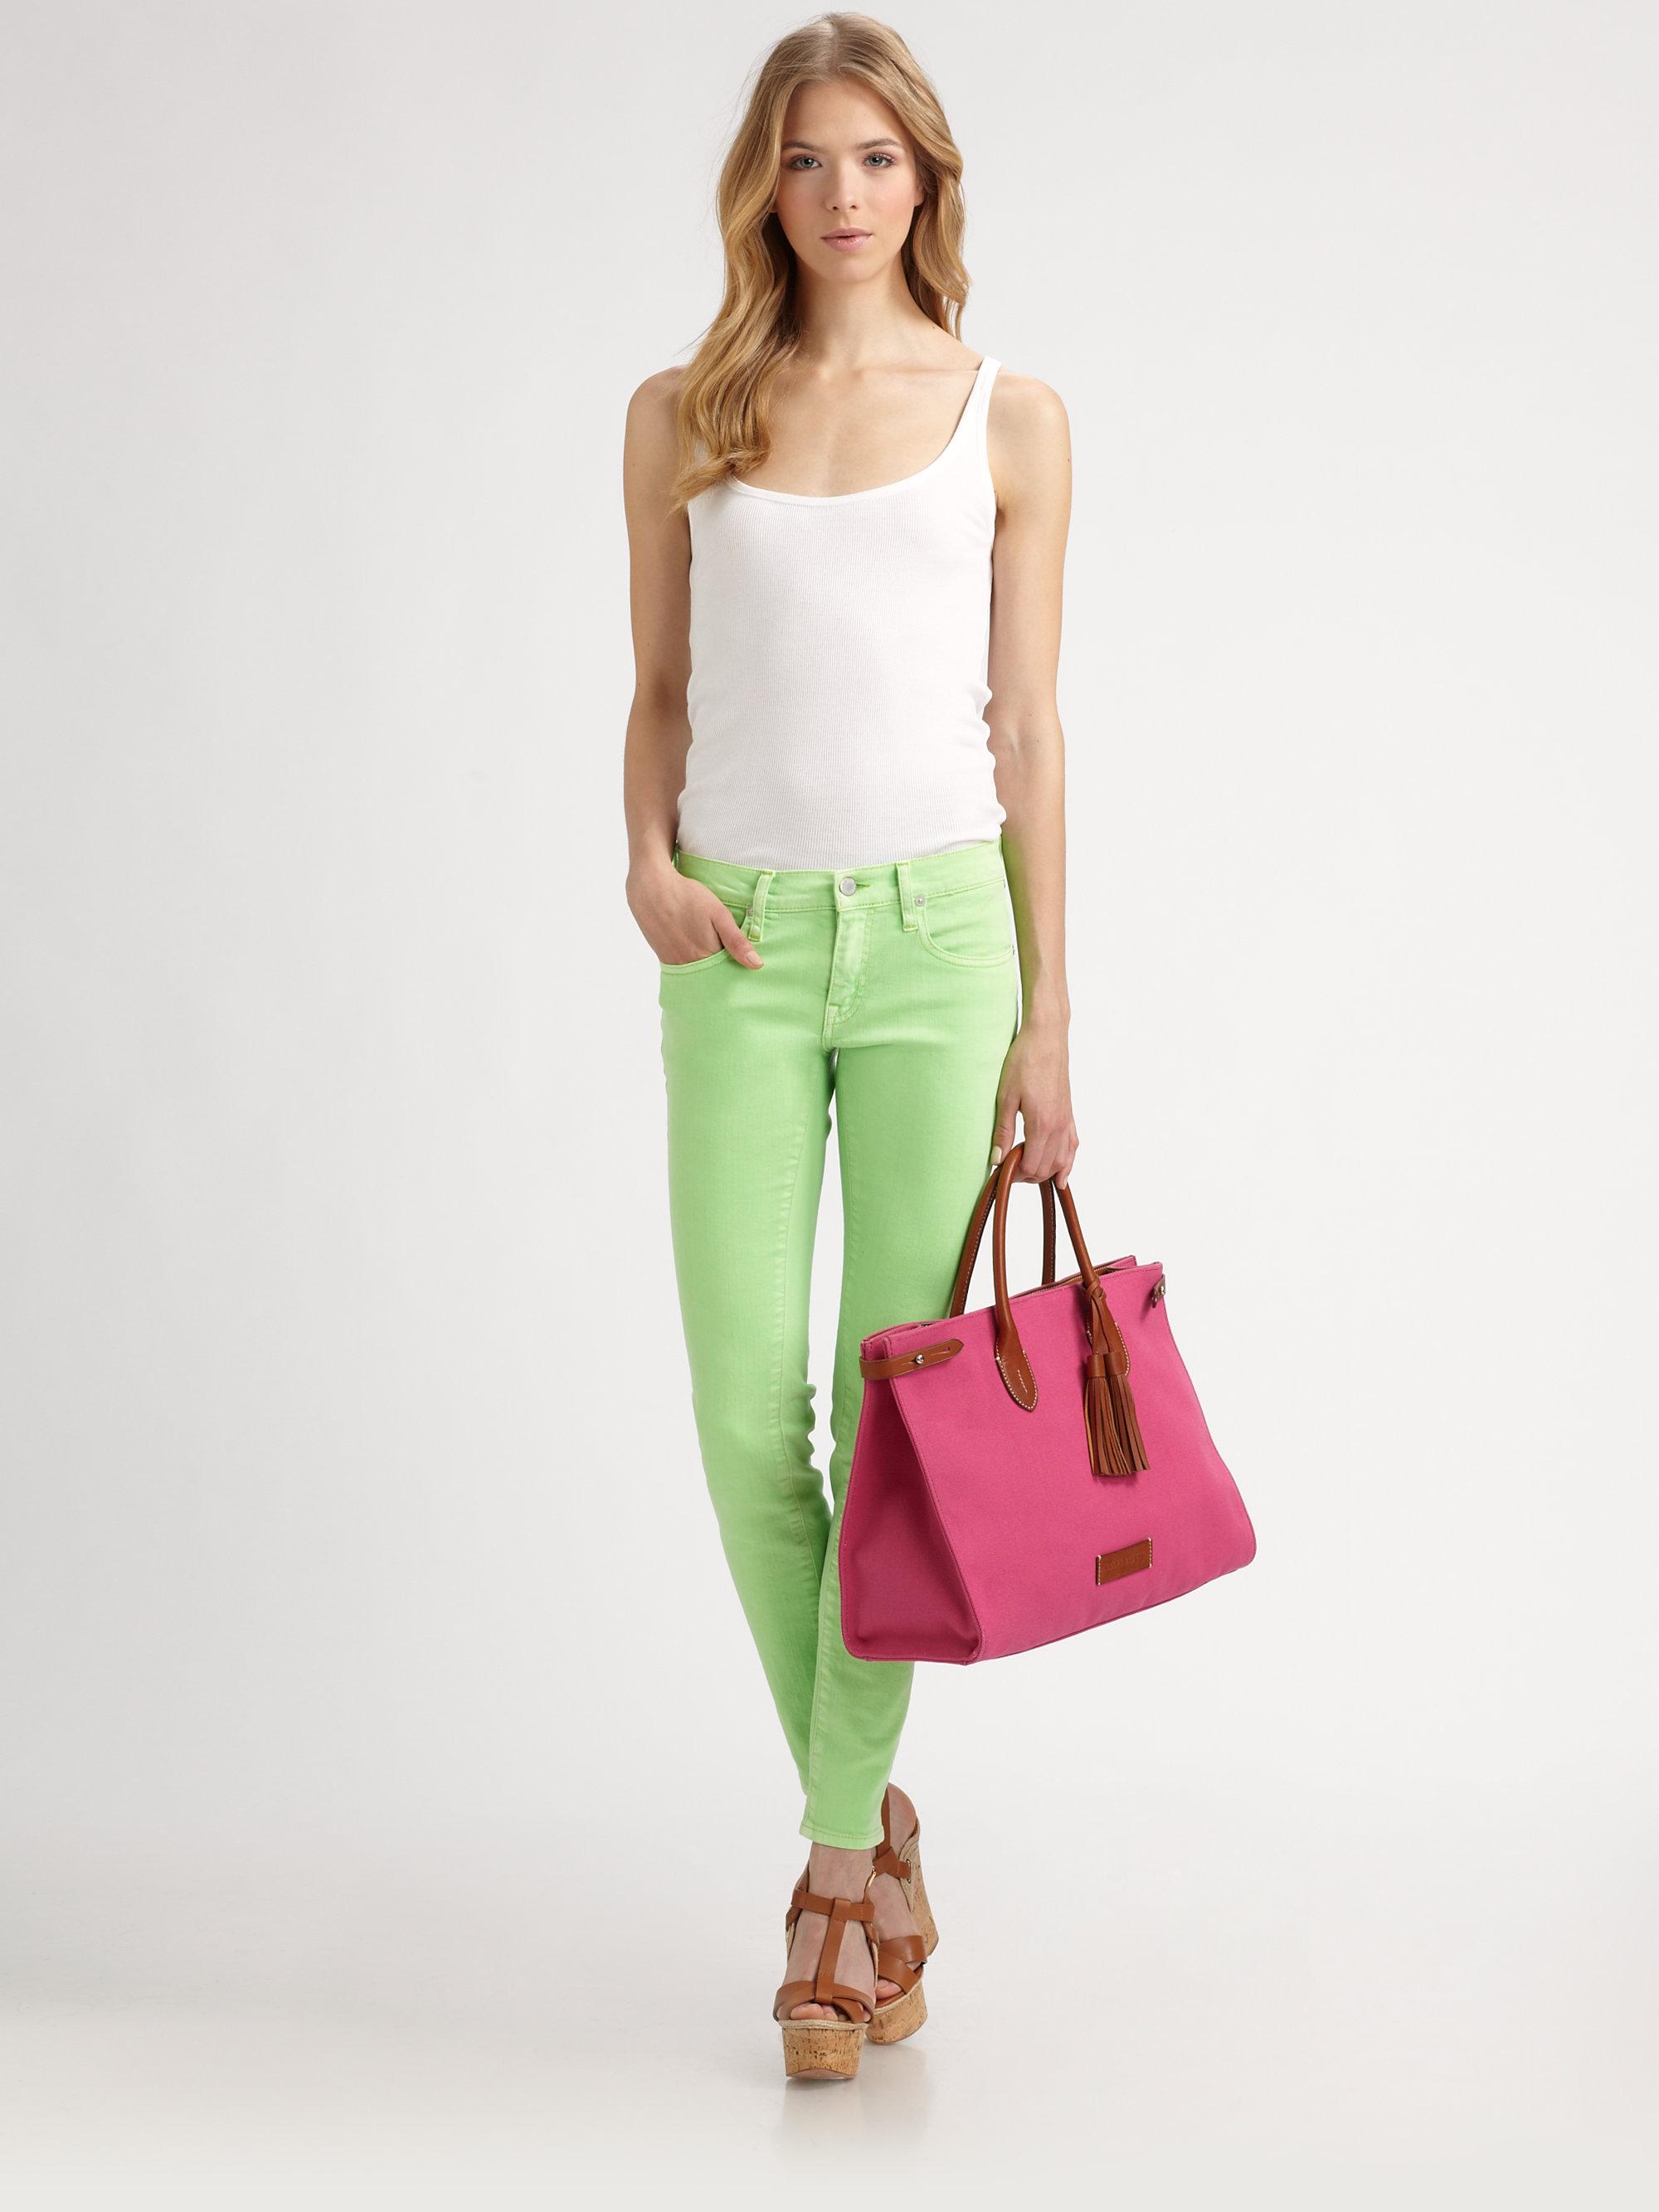 Ralph lauren blue label Skinny Neon Jeans in Green | Lyst